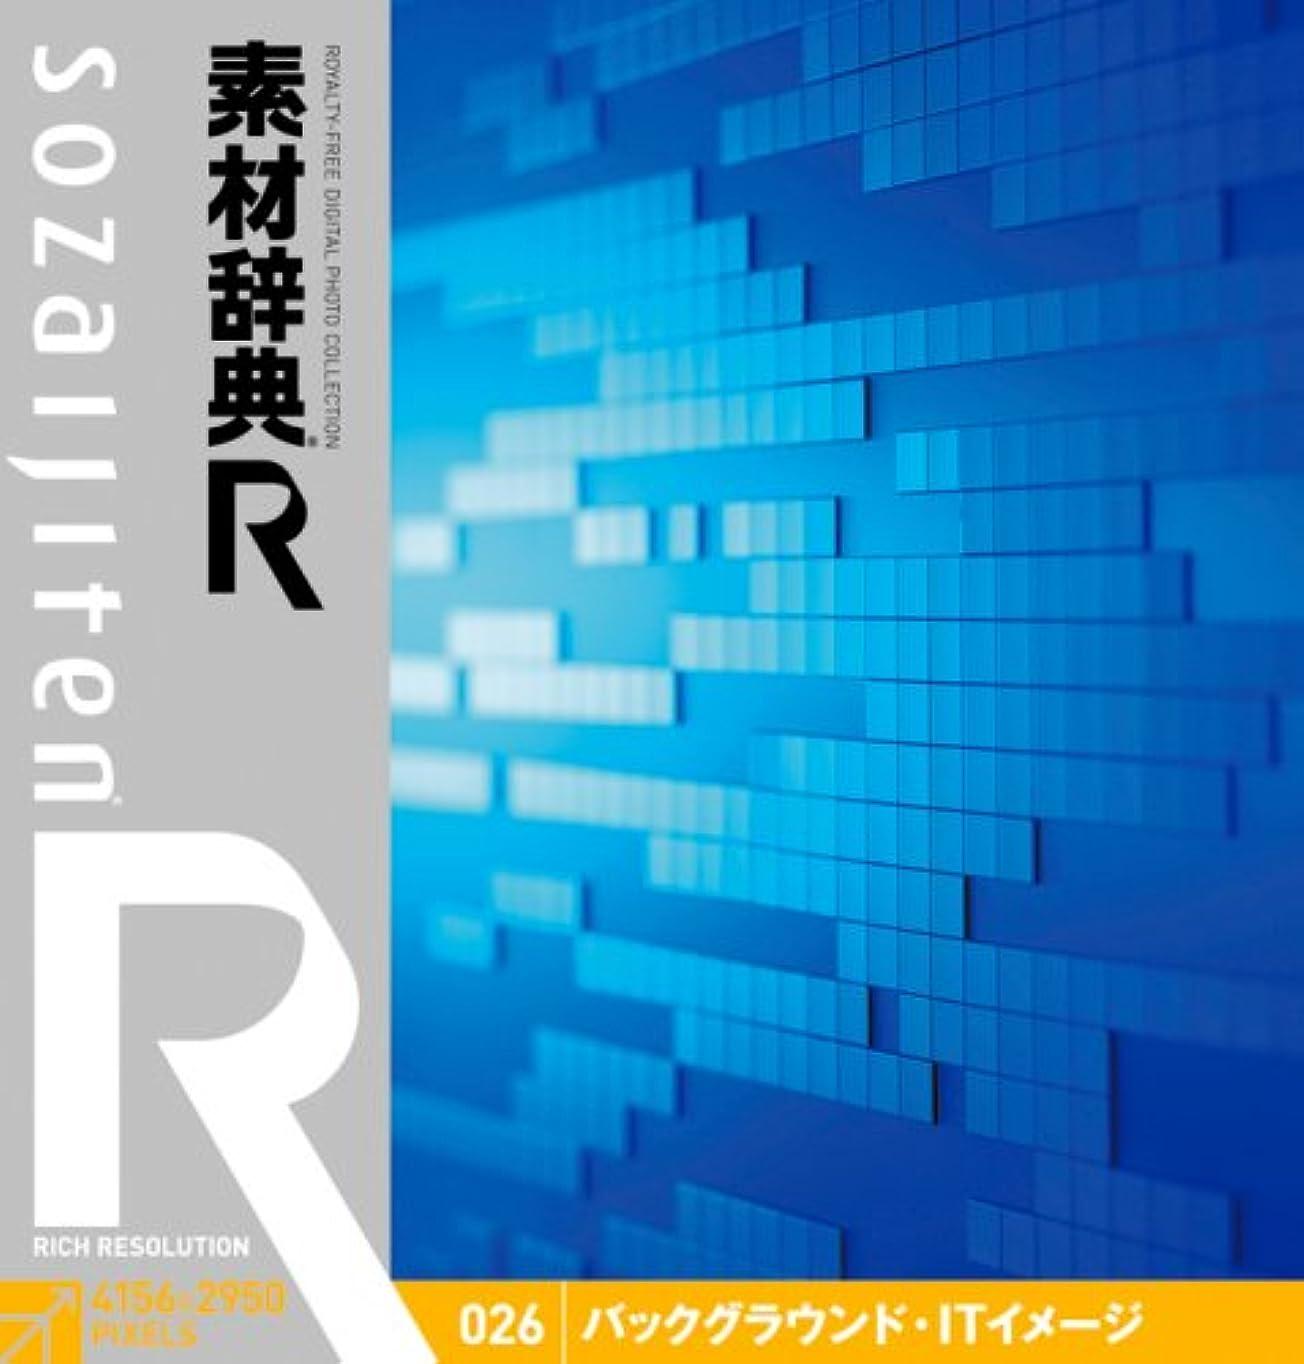 テラス削るであること素材辞典[R(アール)] 026 バックグラウンド?ITイメージ